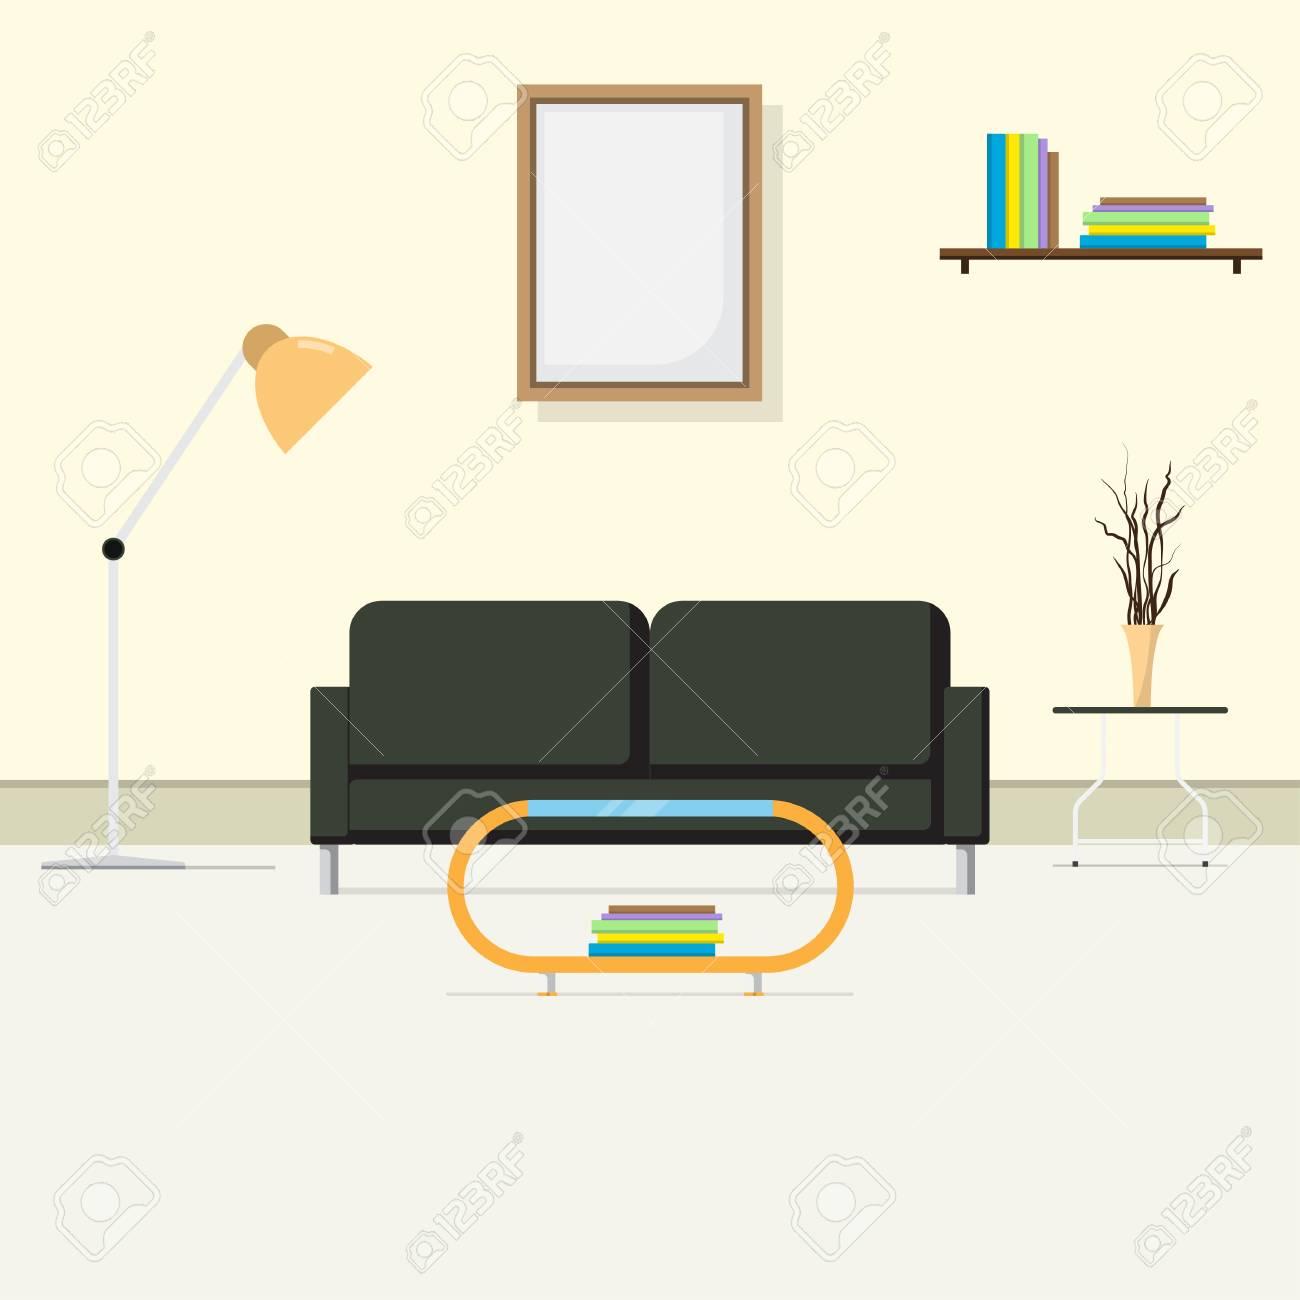 Der Bequeme Innere Salon, Raum Für Den Empfang Des Gastes. Sofa Und ...